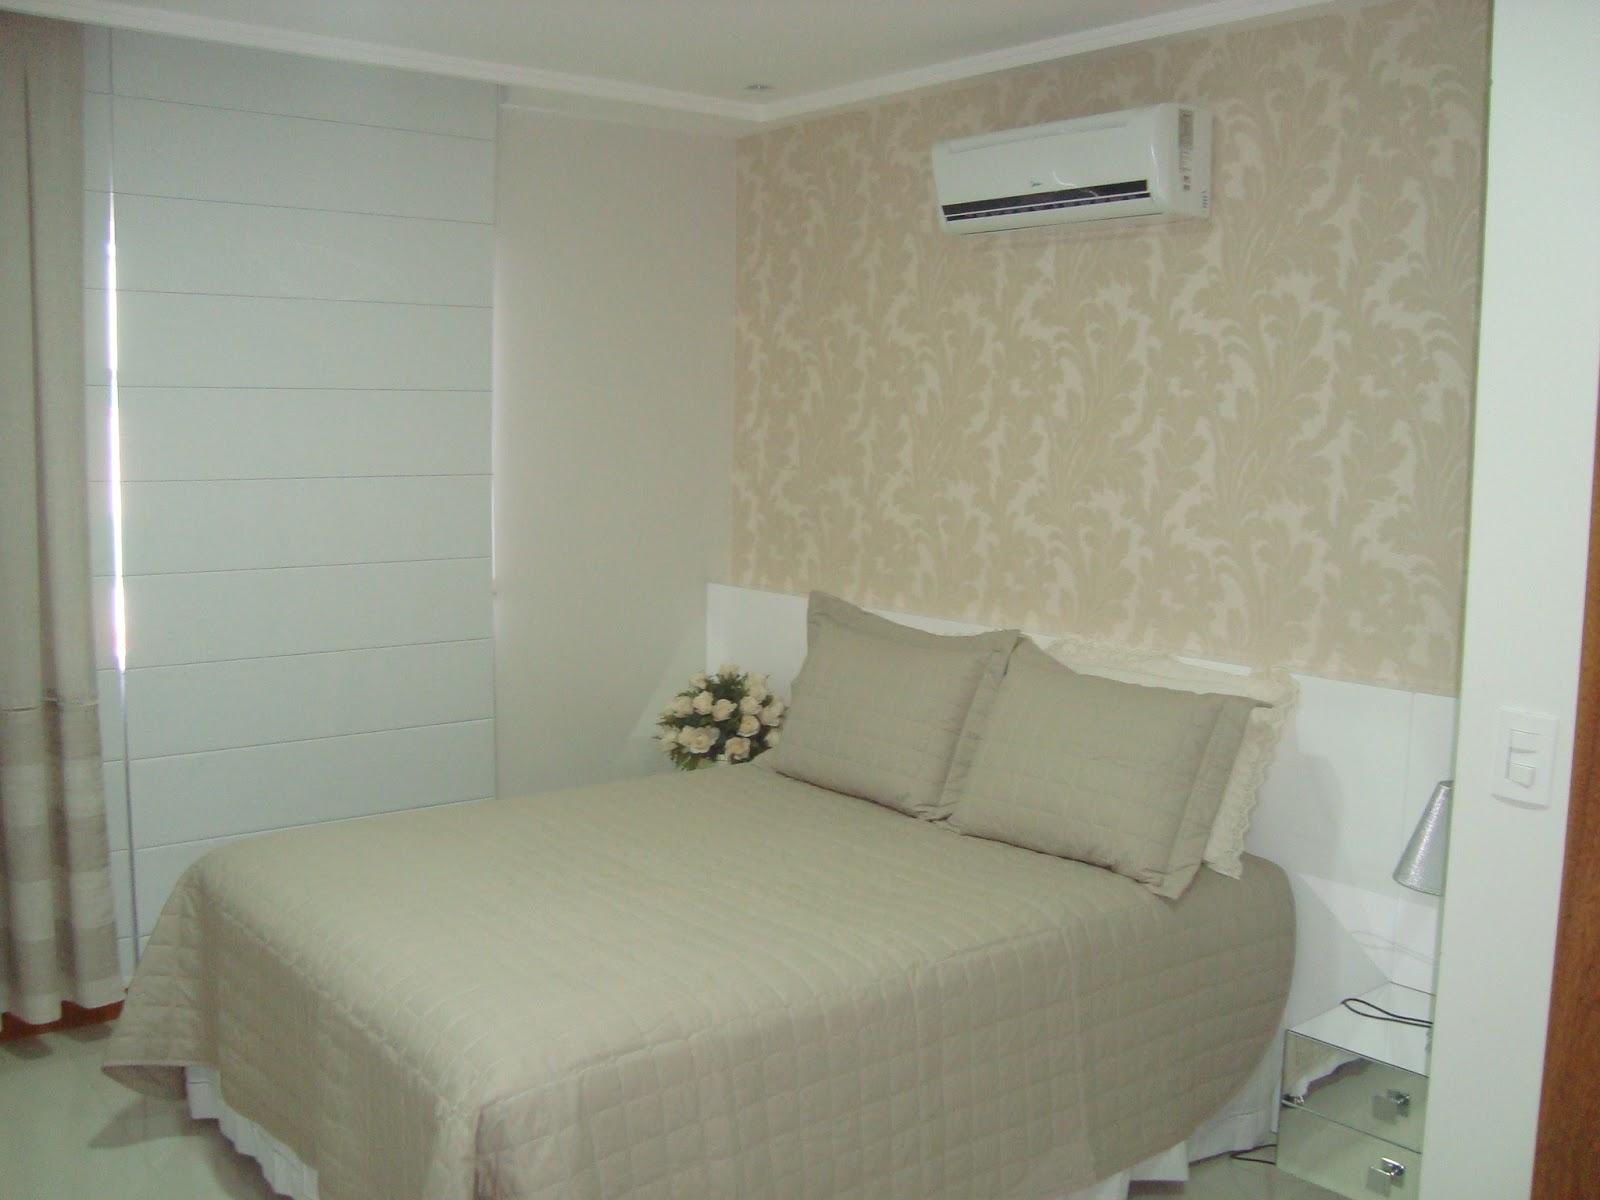 Carolla casa papel de parede decora o for Papel para paredes salon